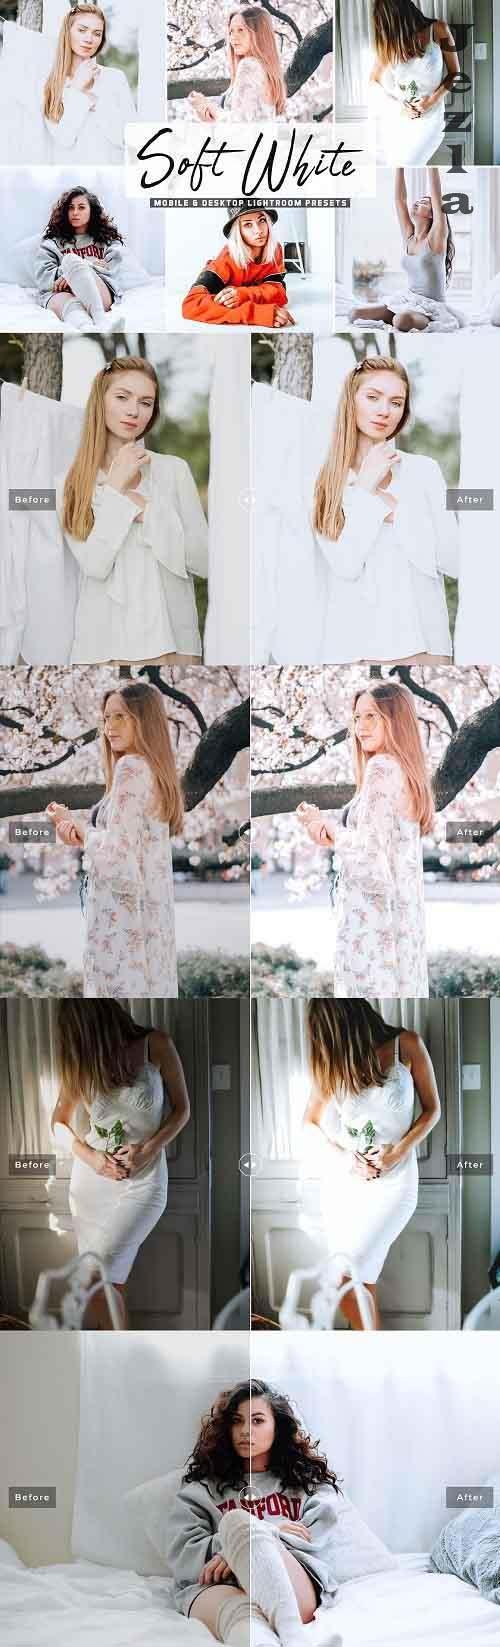 Soft White Pro Lightroom Presets - 5426913 - Mobile & Desktop